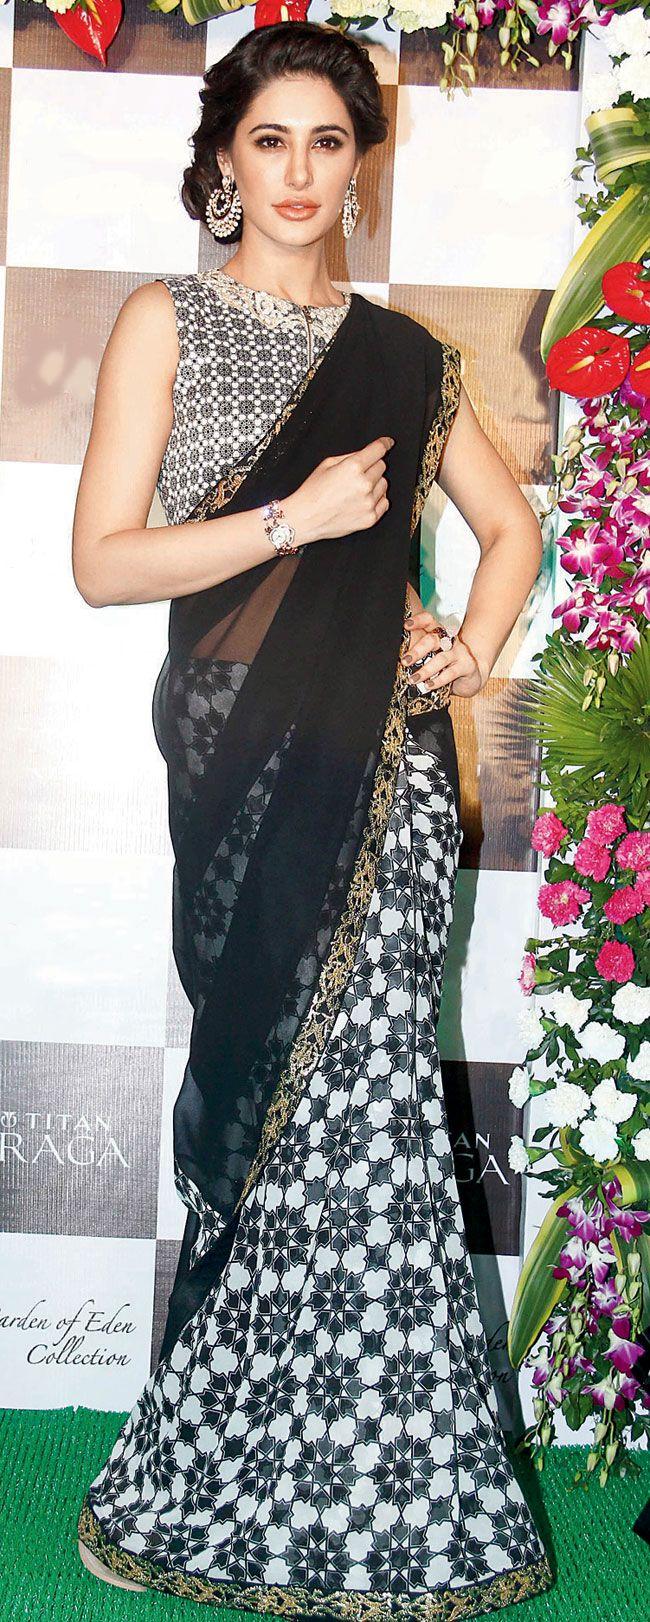 Nargis Fakhri at a Titan Raga launch event.